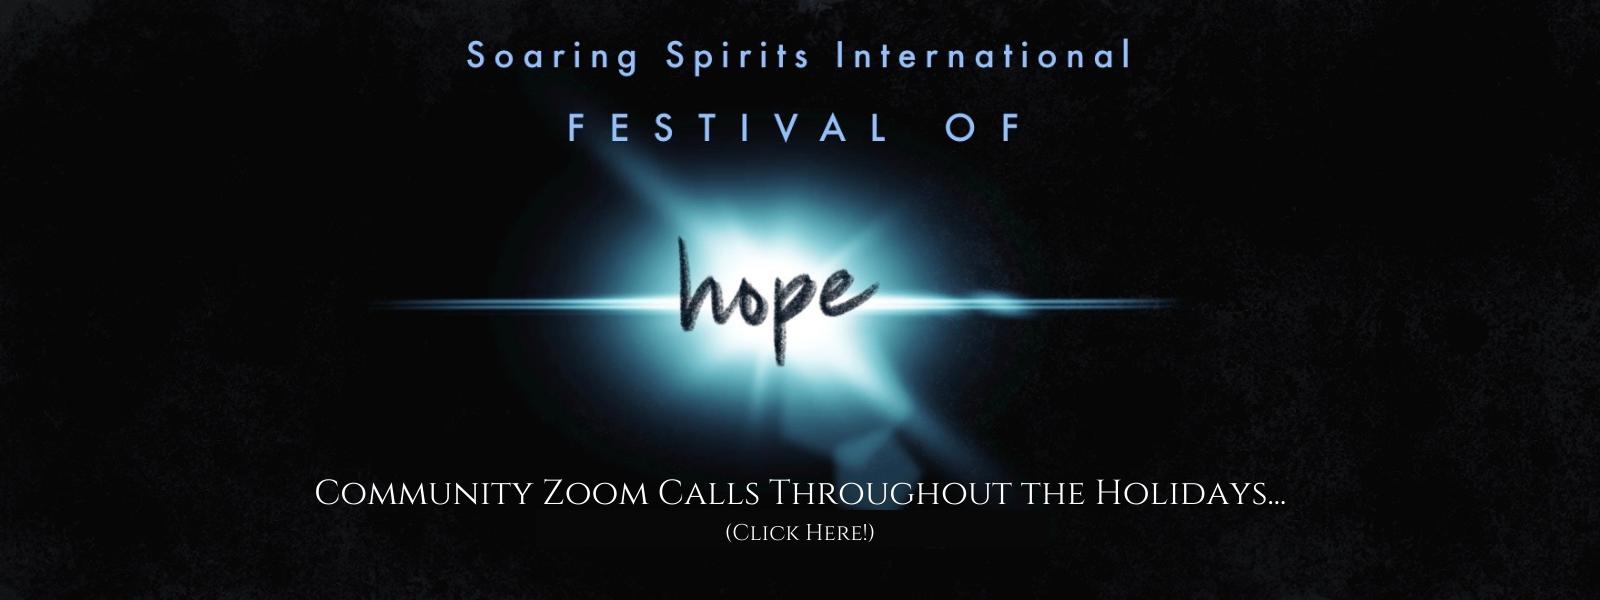 Festival of Hope 2021